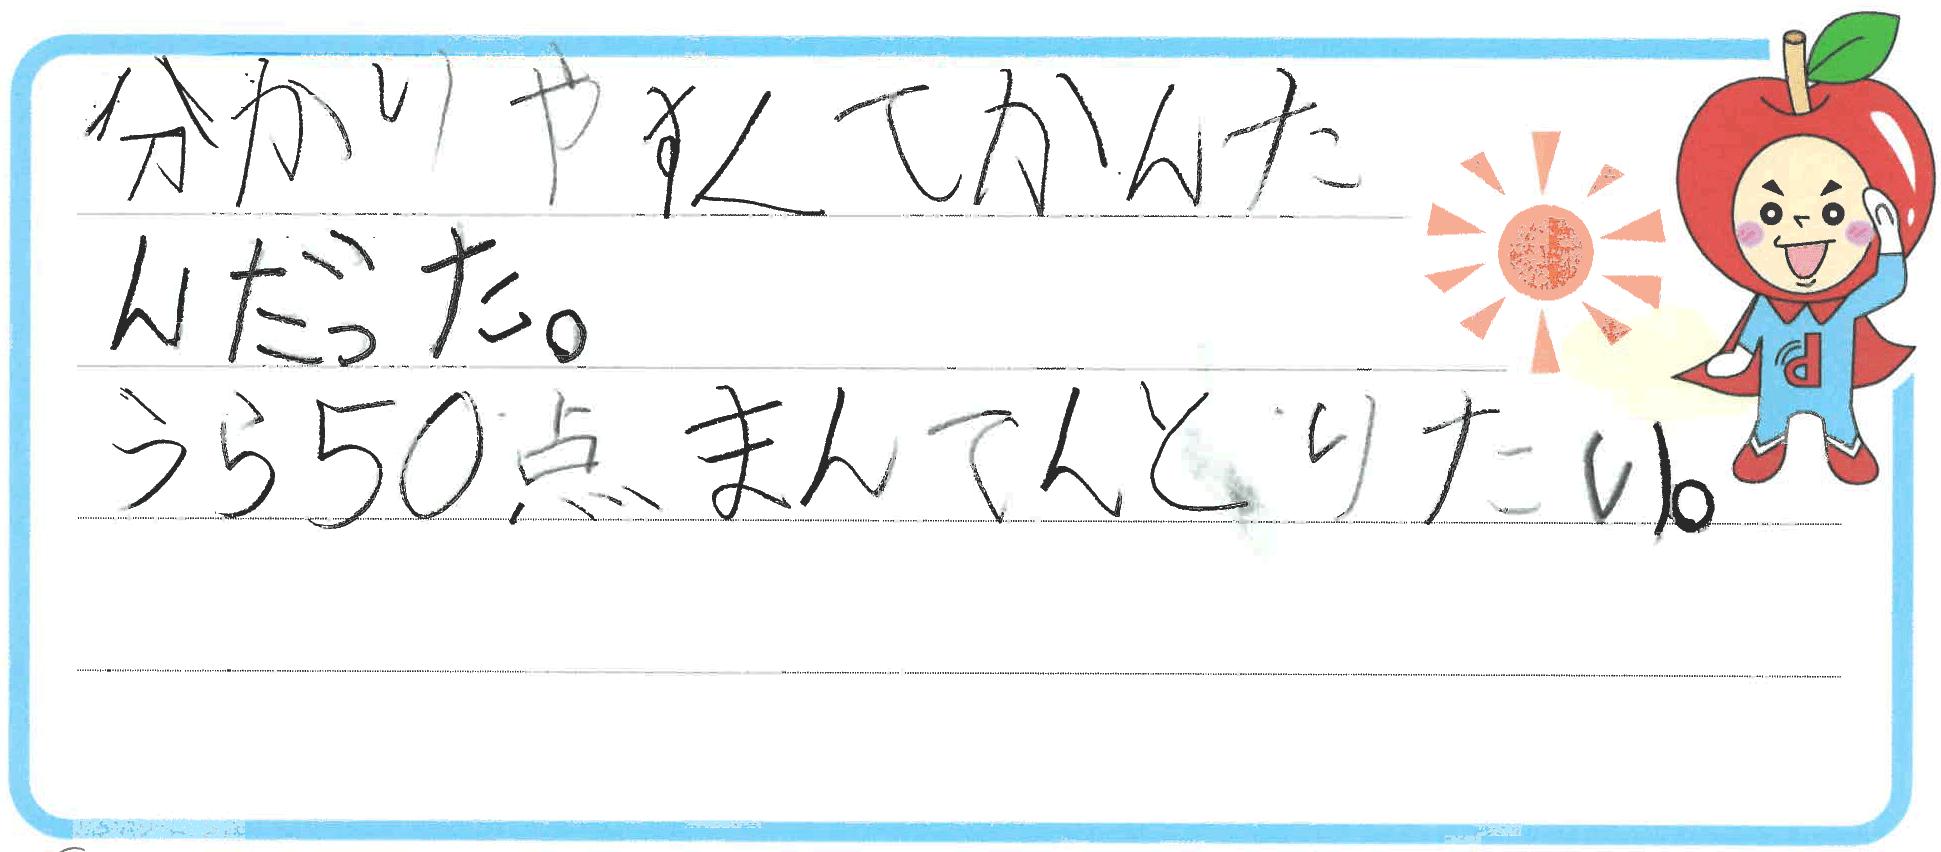 あきら君(赤磐市)からの口コミ